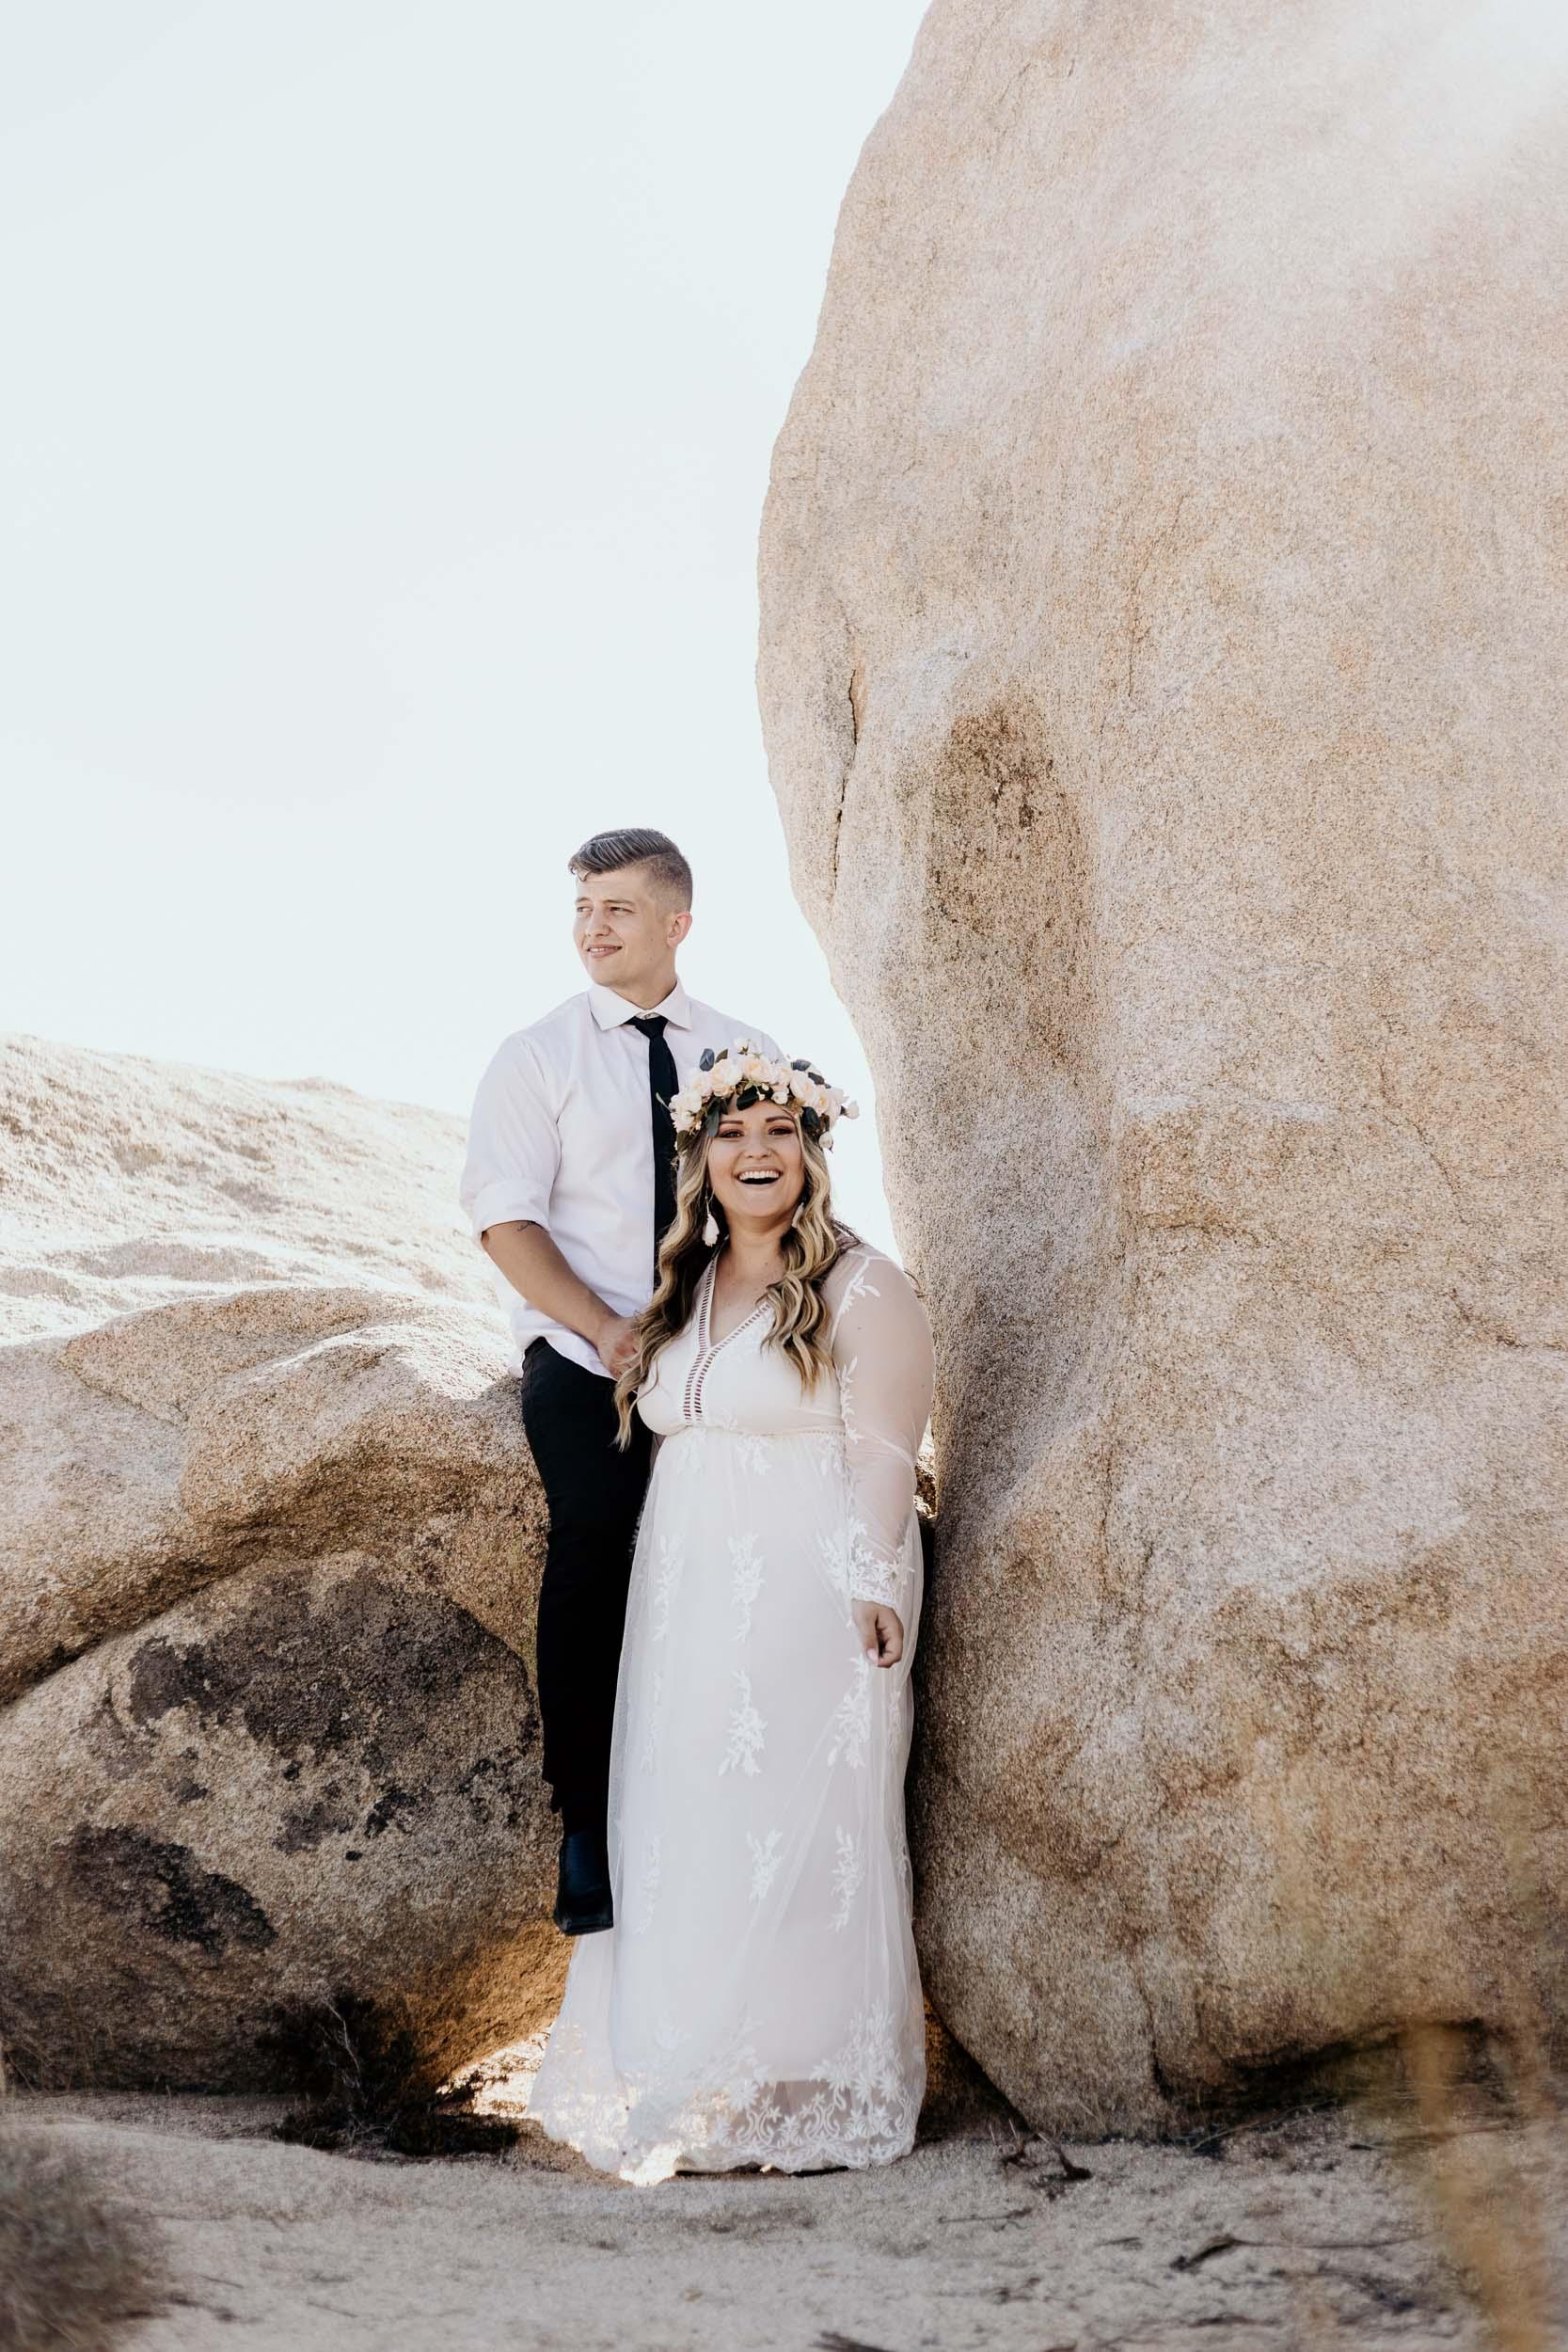 intimate-wedding-elopement-photographer-ottawa-joshua-tree-0690.jpg